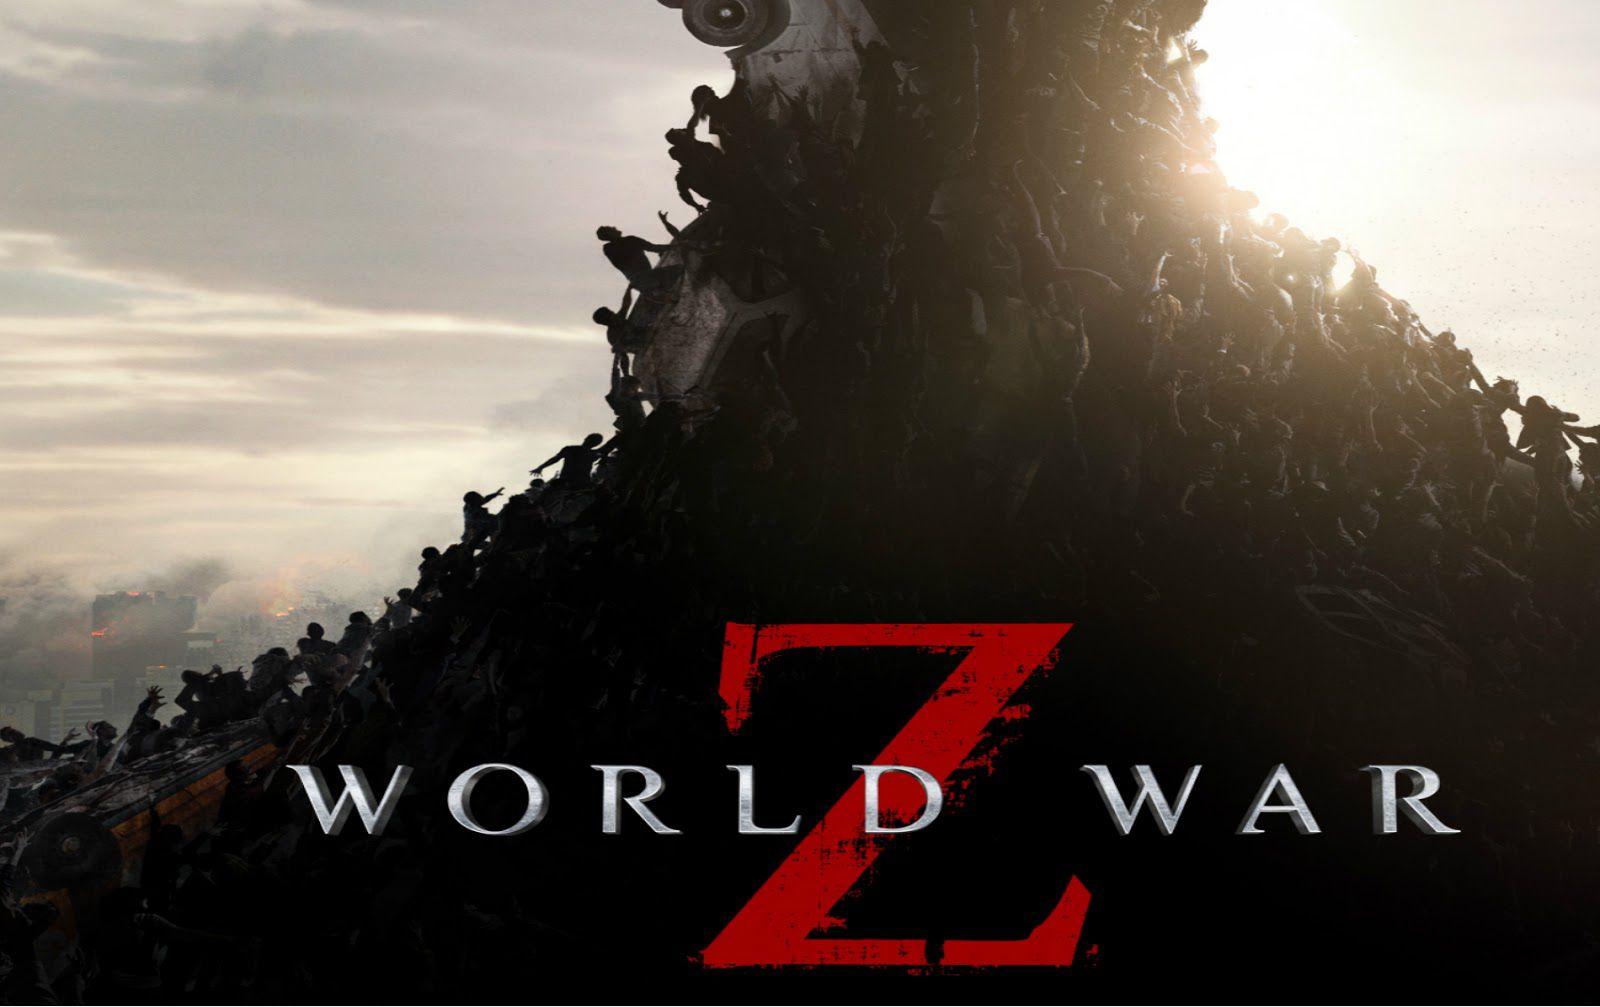 فيلم حرب الزومبي العالمية